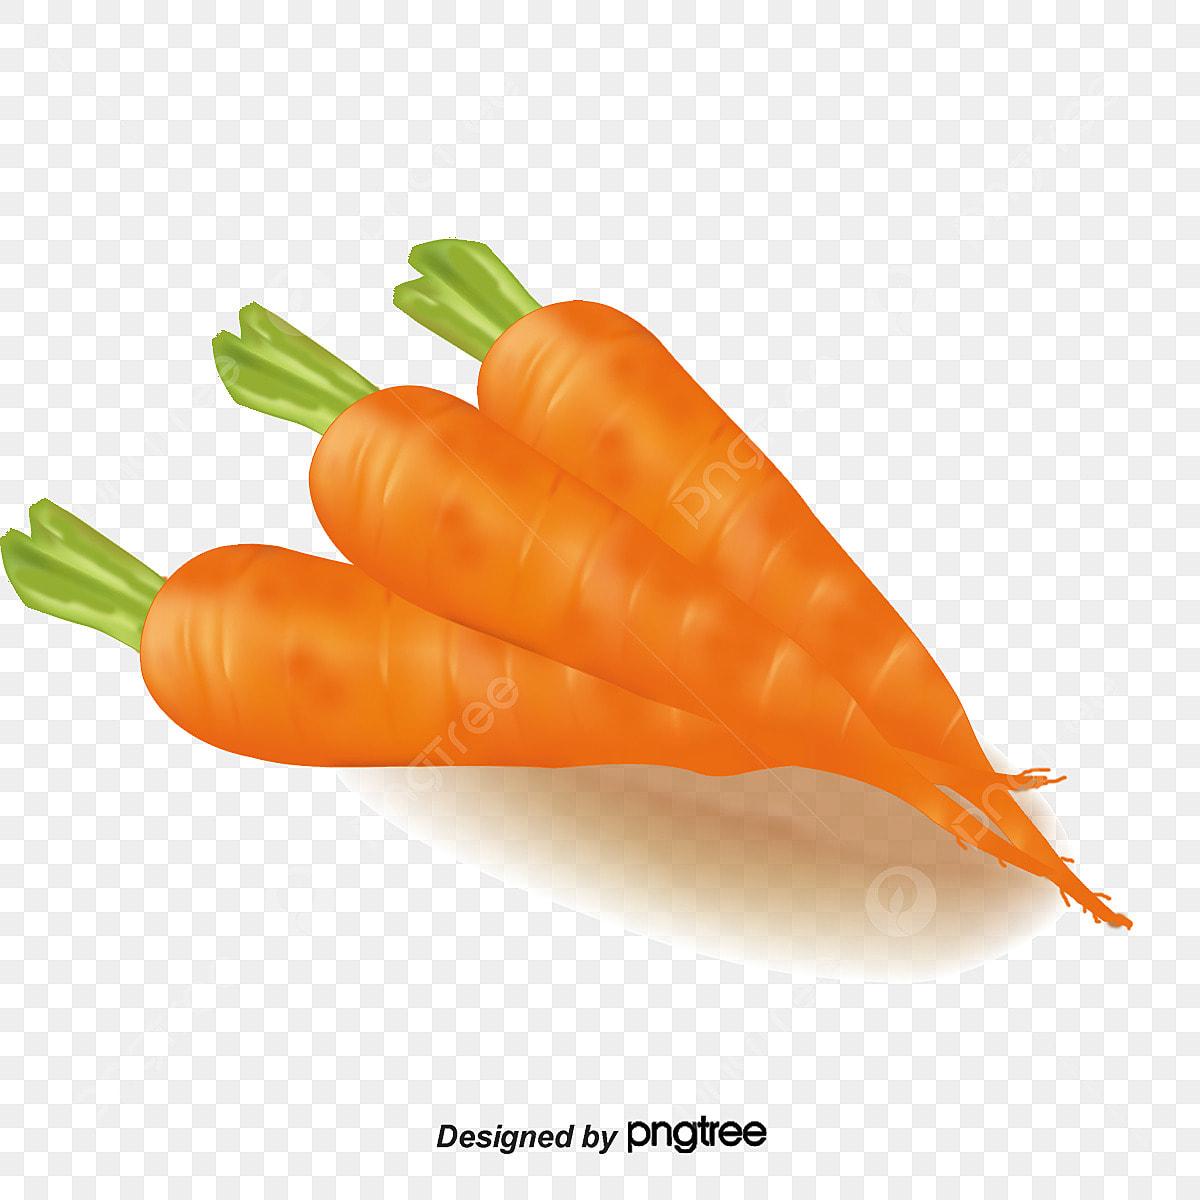 Zanahoria Zanahoria Verde Verduras Png Y Psd Para Descargar Gratis Pngtree Ho ho ho🎅🐰 la naviada ya llego a zanahoria refugios, y trajo con ella muchas ofertas para tu conejito. https es pngtree com freepng carrot 1536979 html